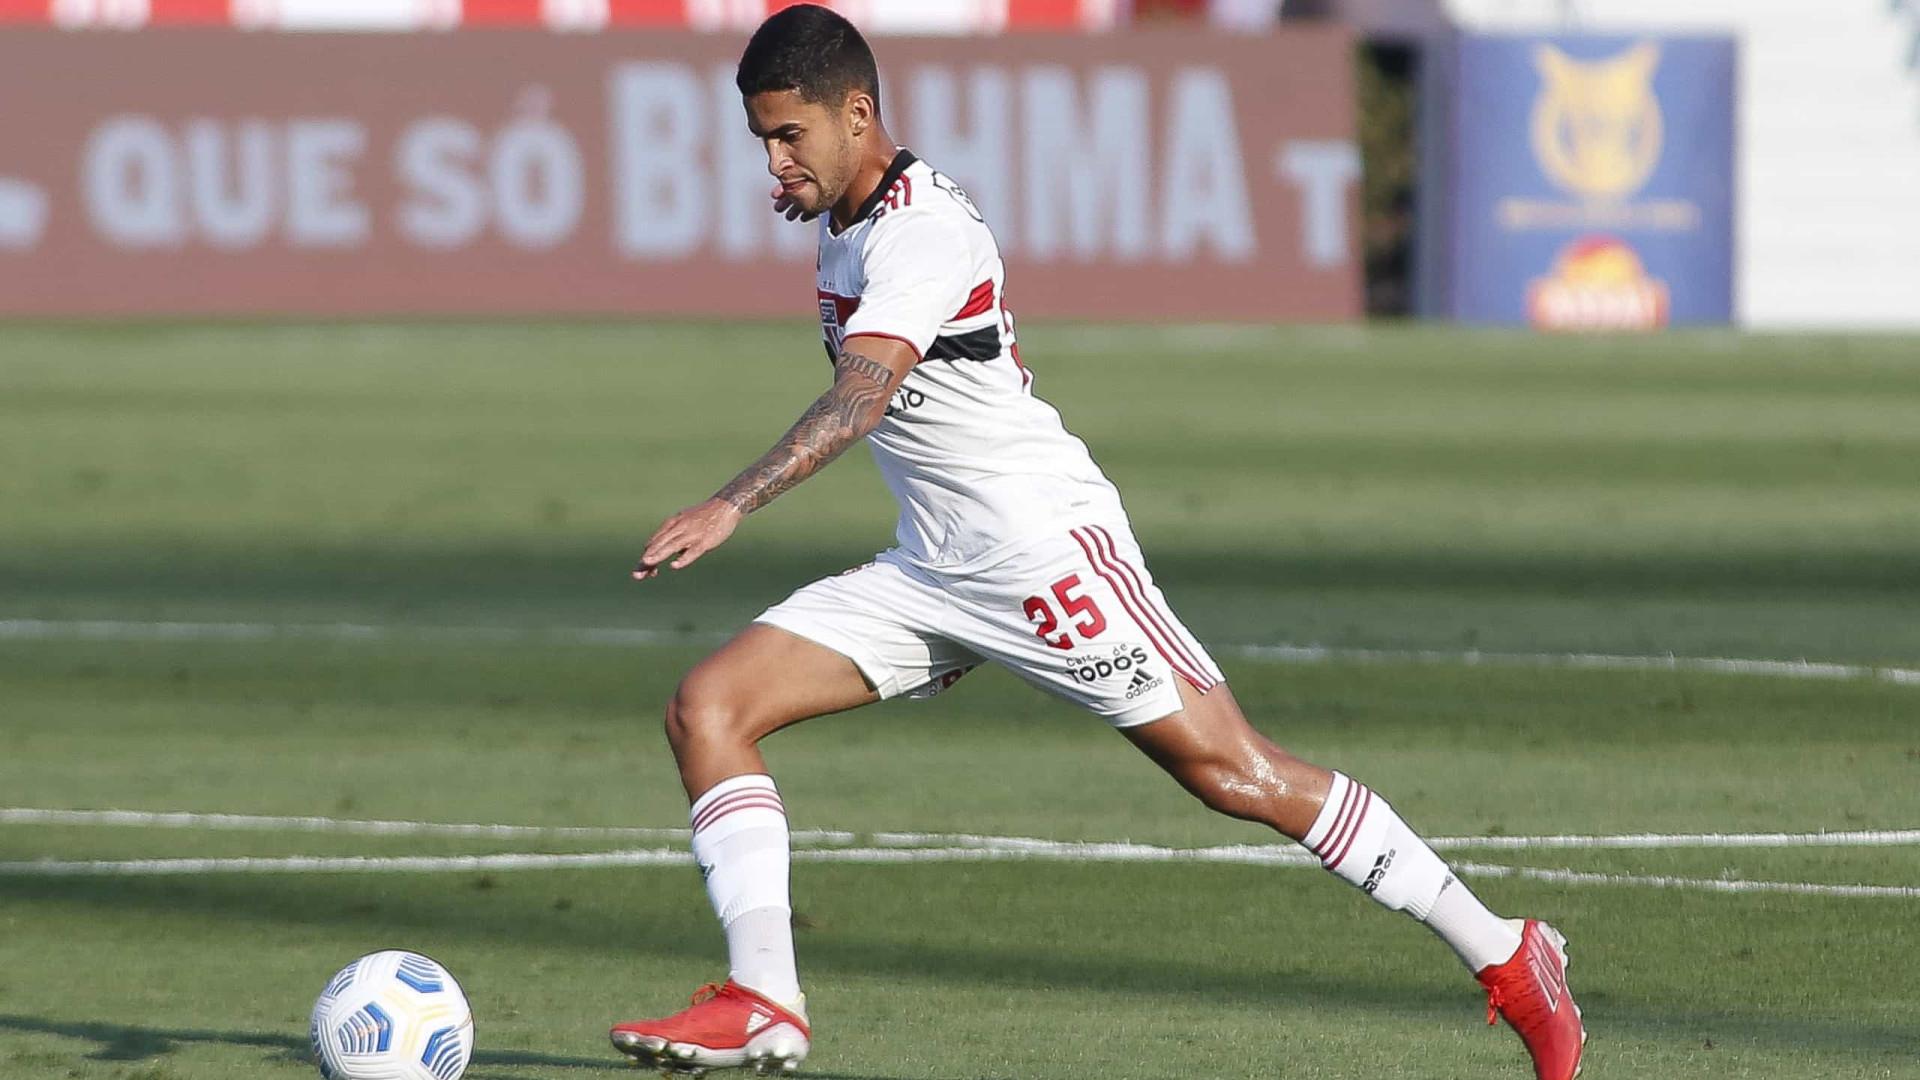 Nestor lamenta 'falta de tranquilidade' do São Paulo em empate com o América-MG